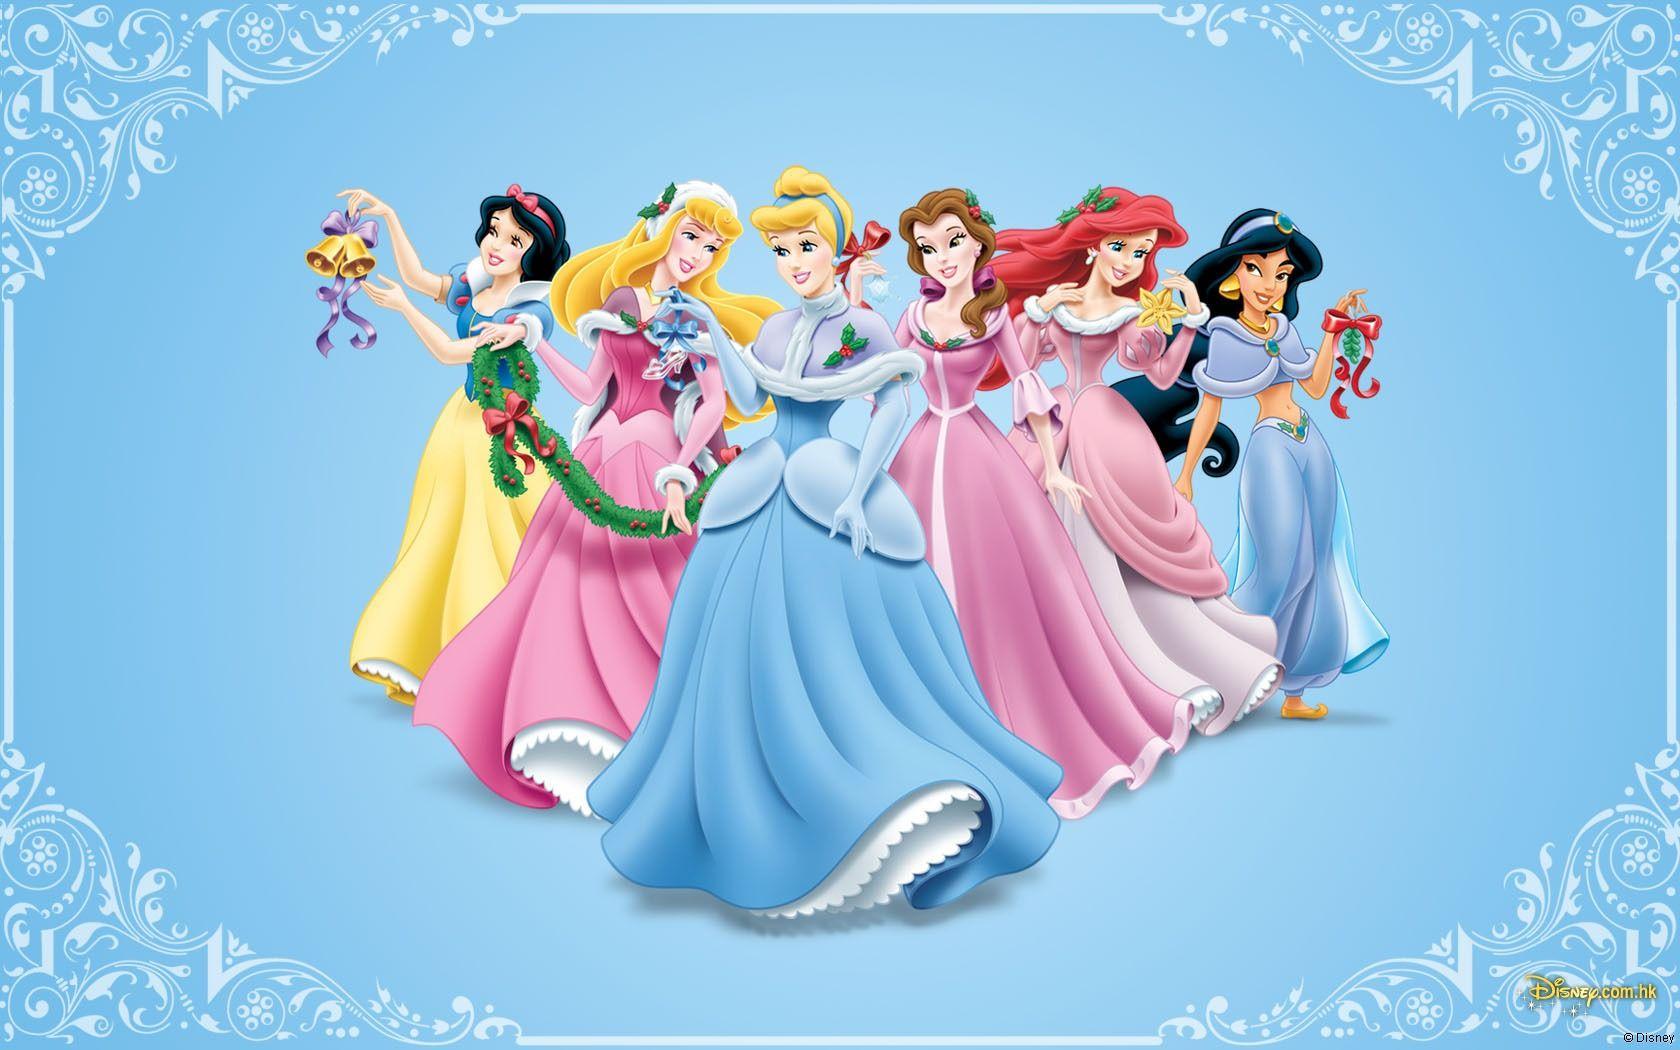 disney princess | disney princess wallpapers, disney cartoon